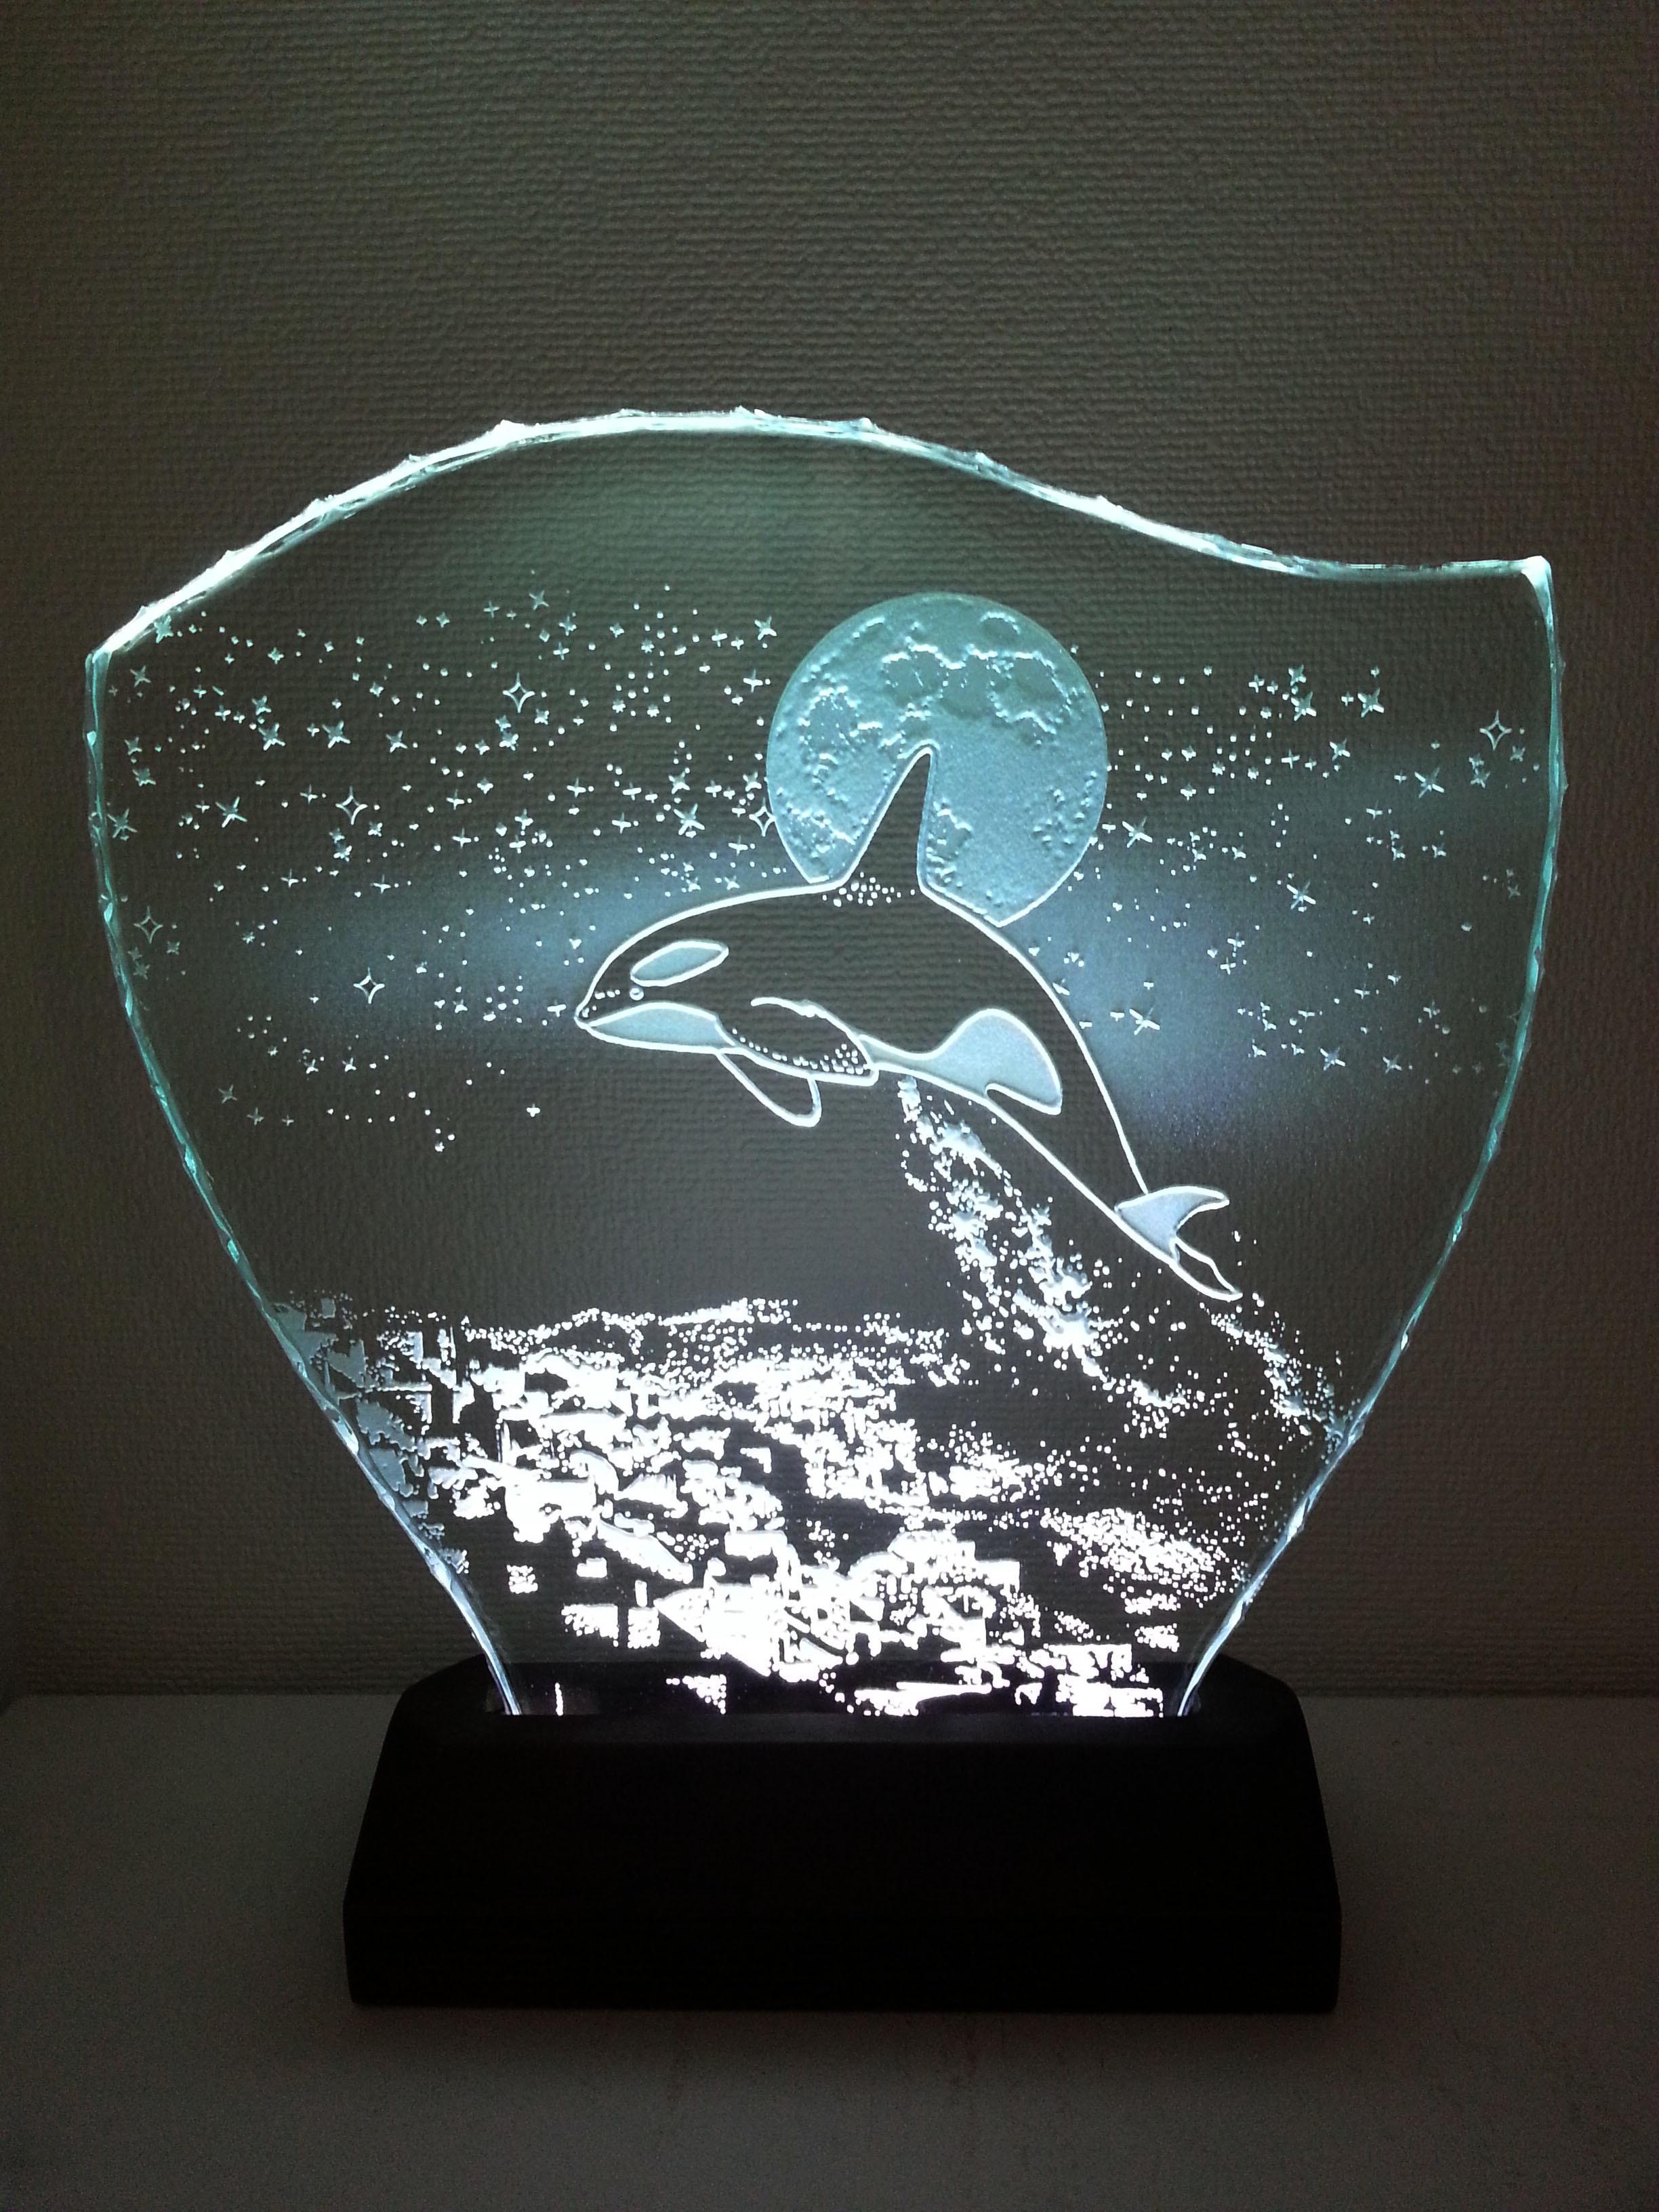 星降る夜・シャチ ガラスエッチングパネル Mサイズ・LEDスタンドセット(オルカ・鯱・ランプ・ライト・照明)